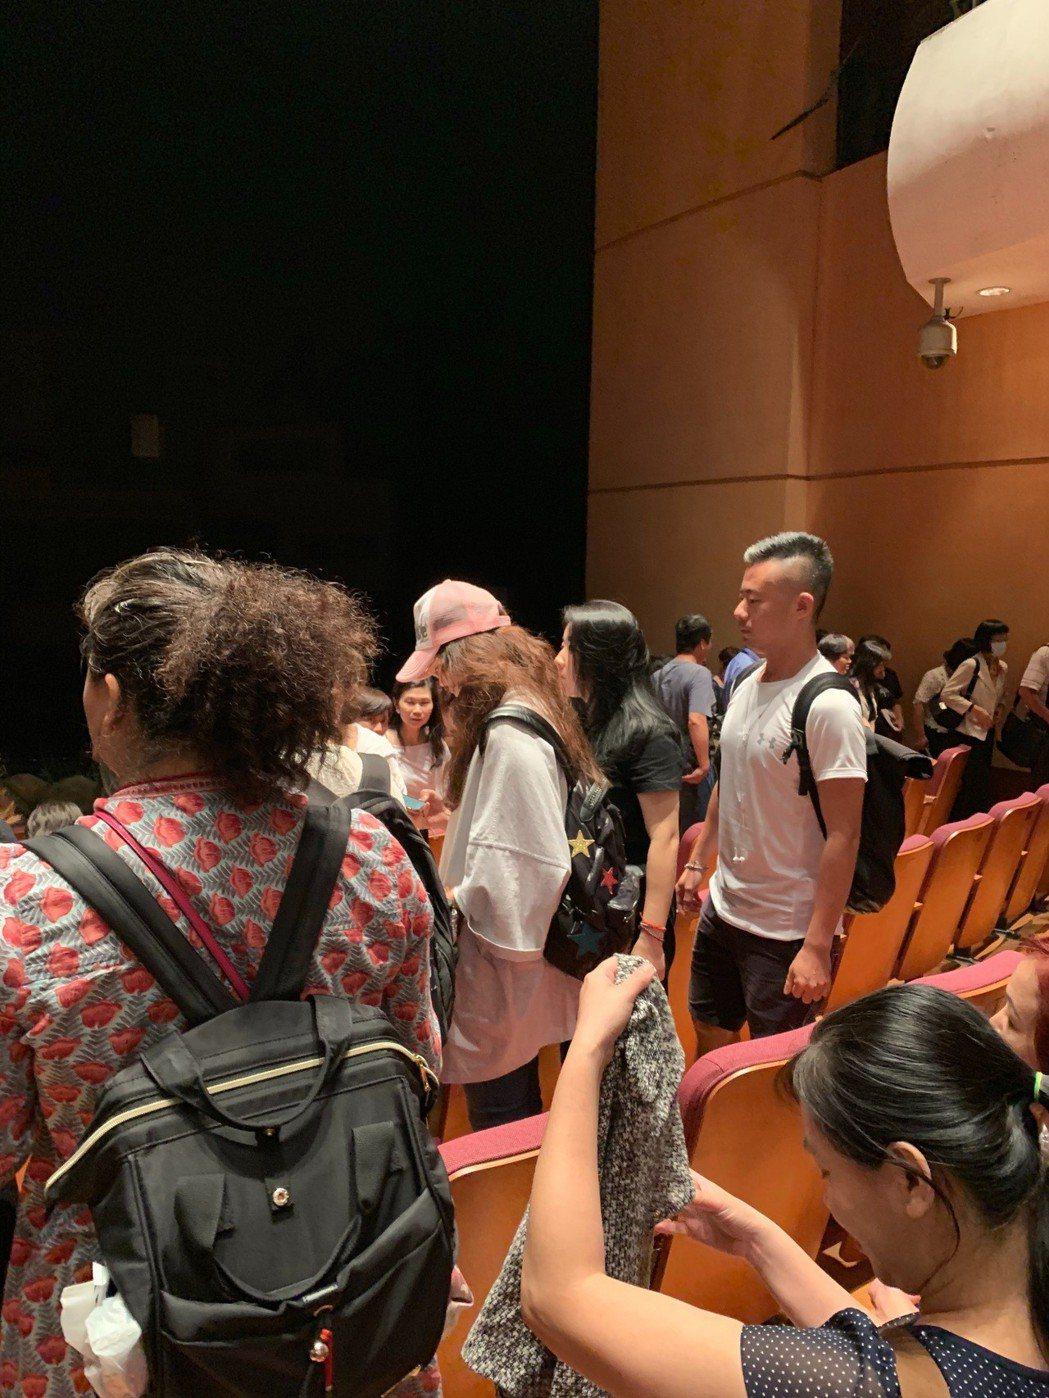 舒淇看舞台劇「人間條件2」現身觀眾群。圖/讀者提供